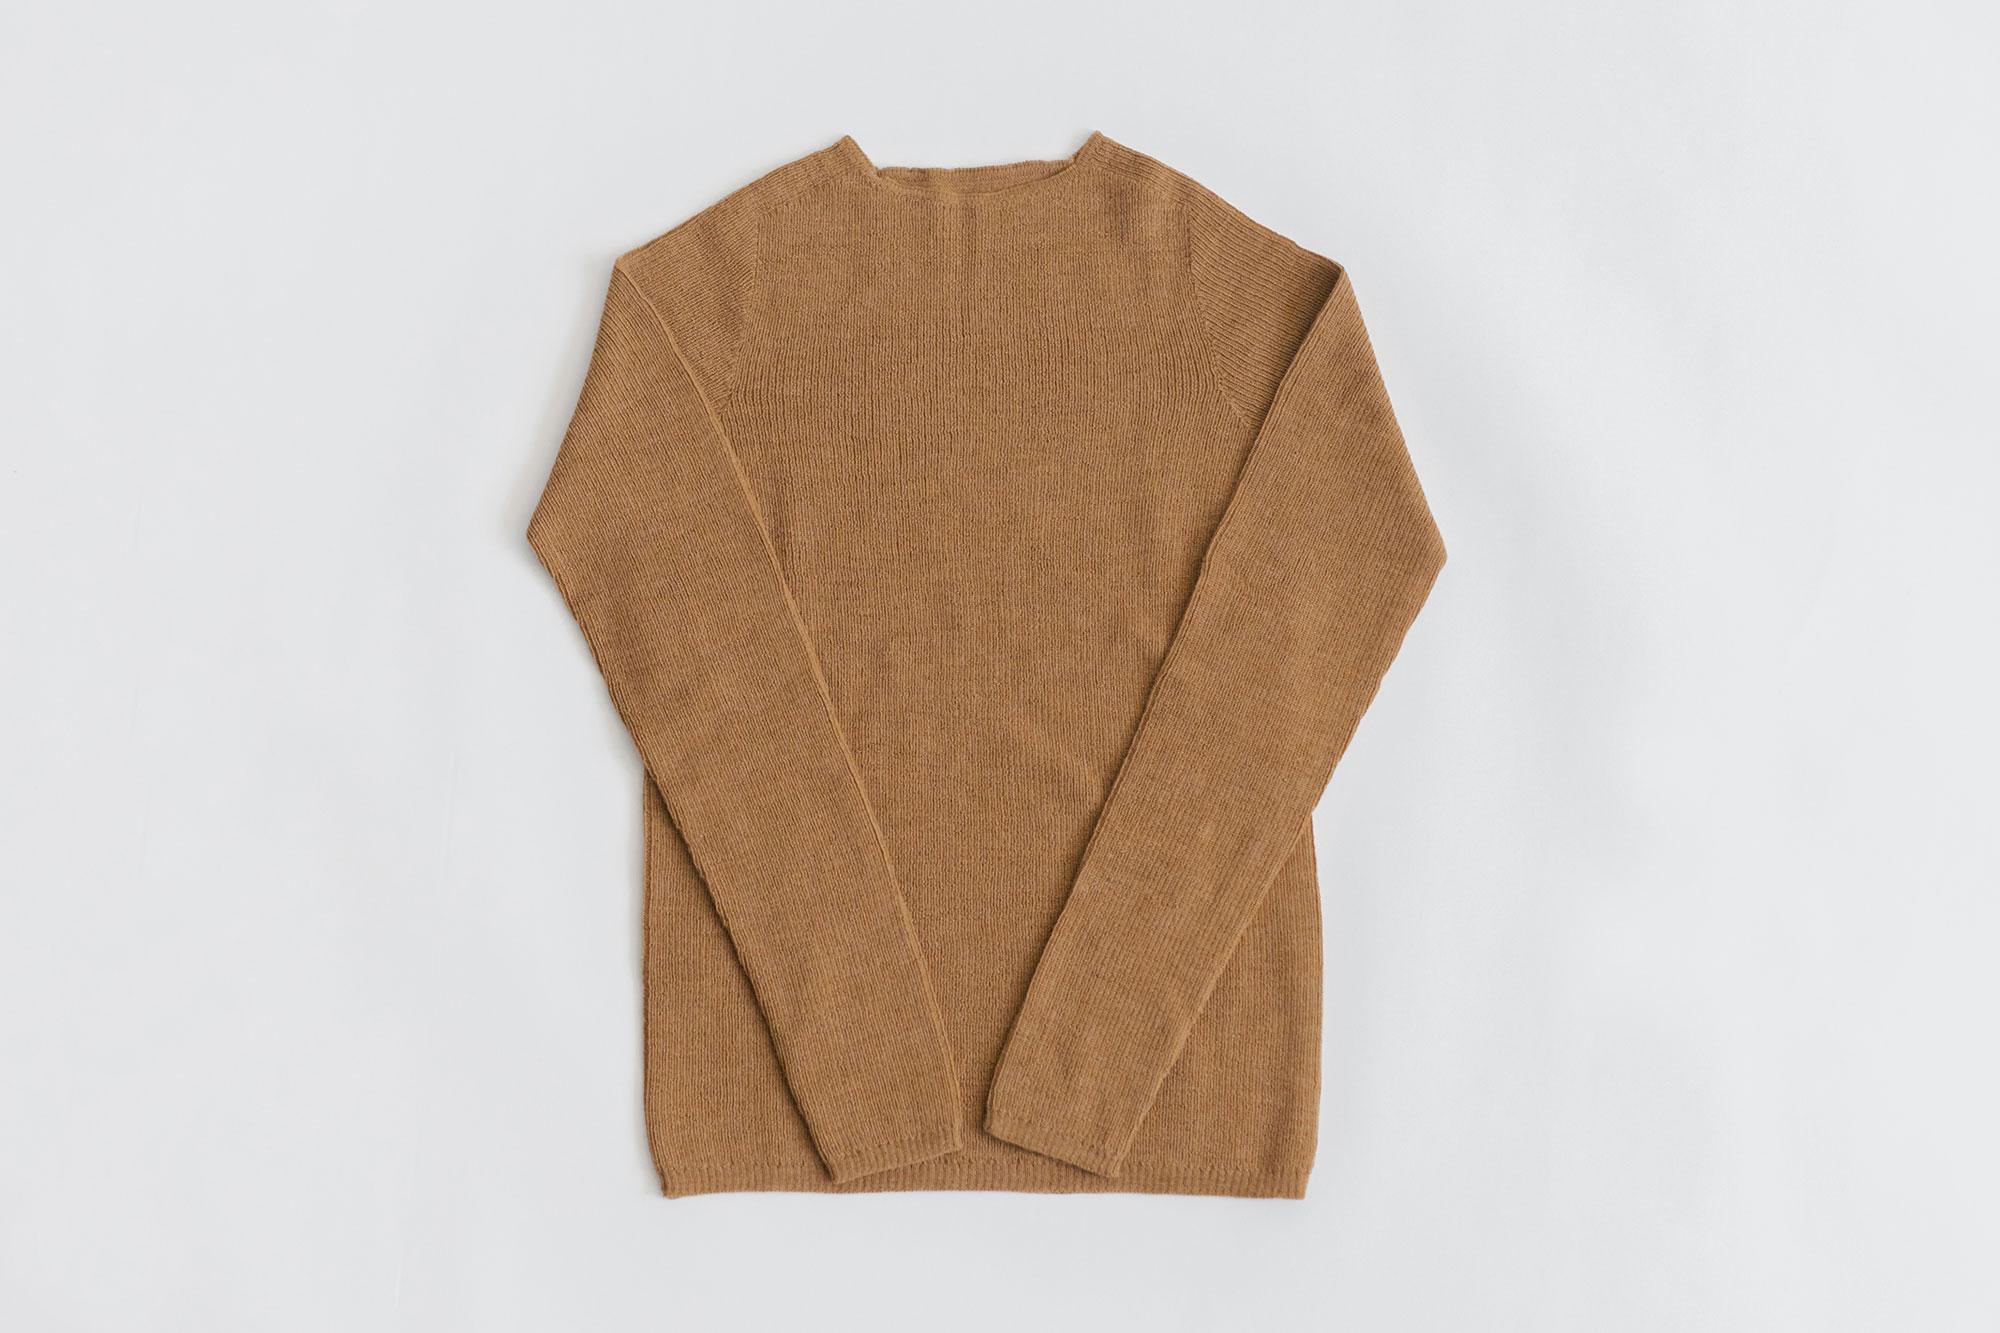 F/style ホールガーメントのリブ編みウールニット